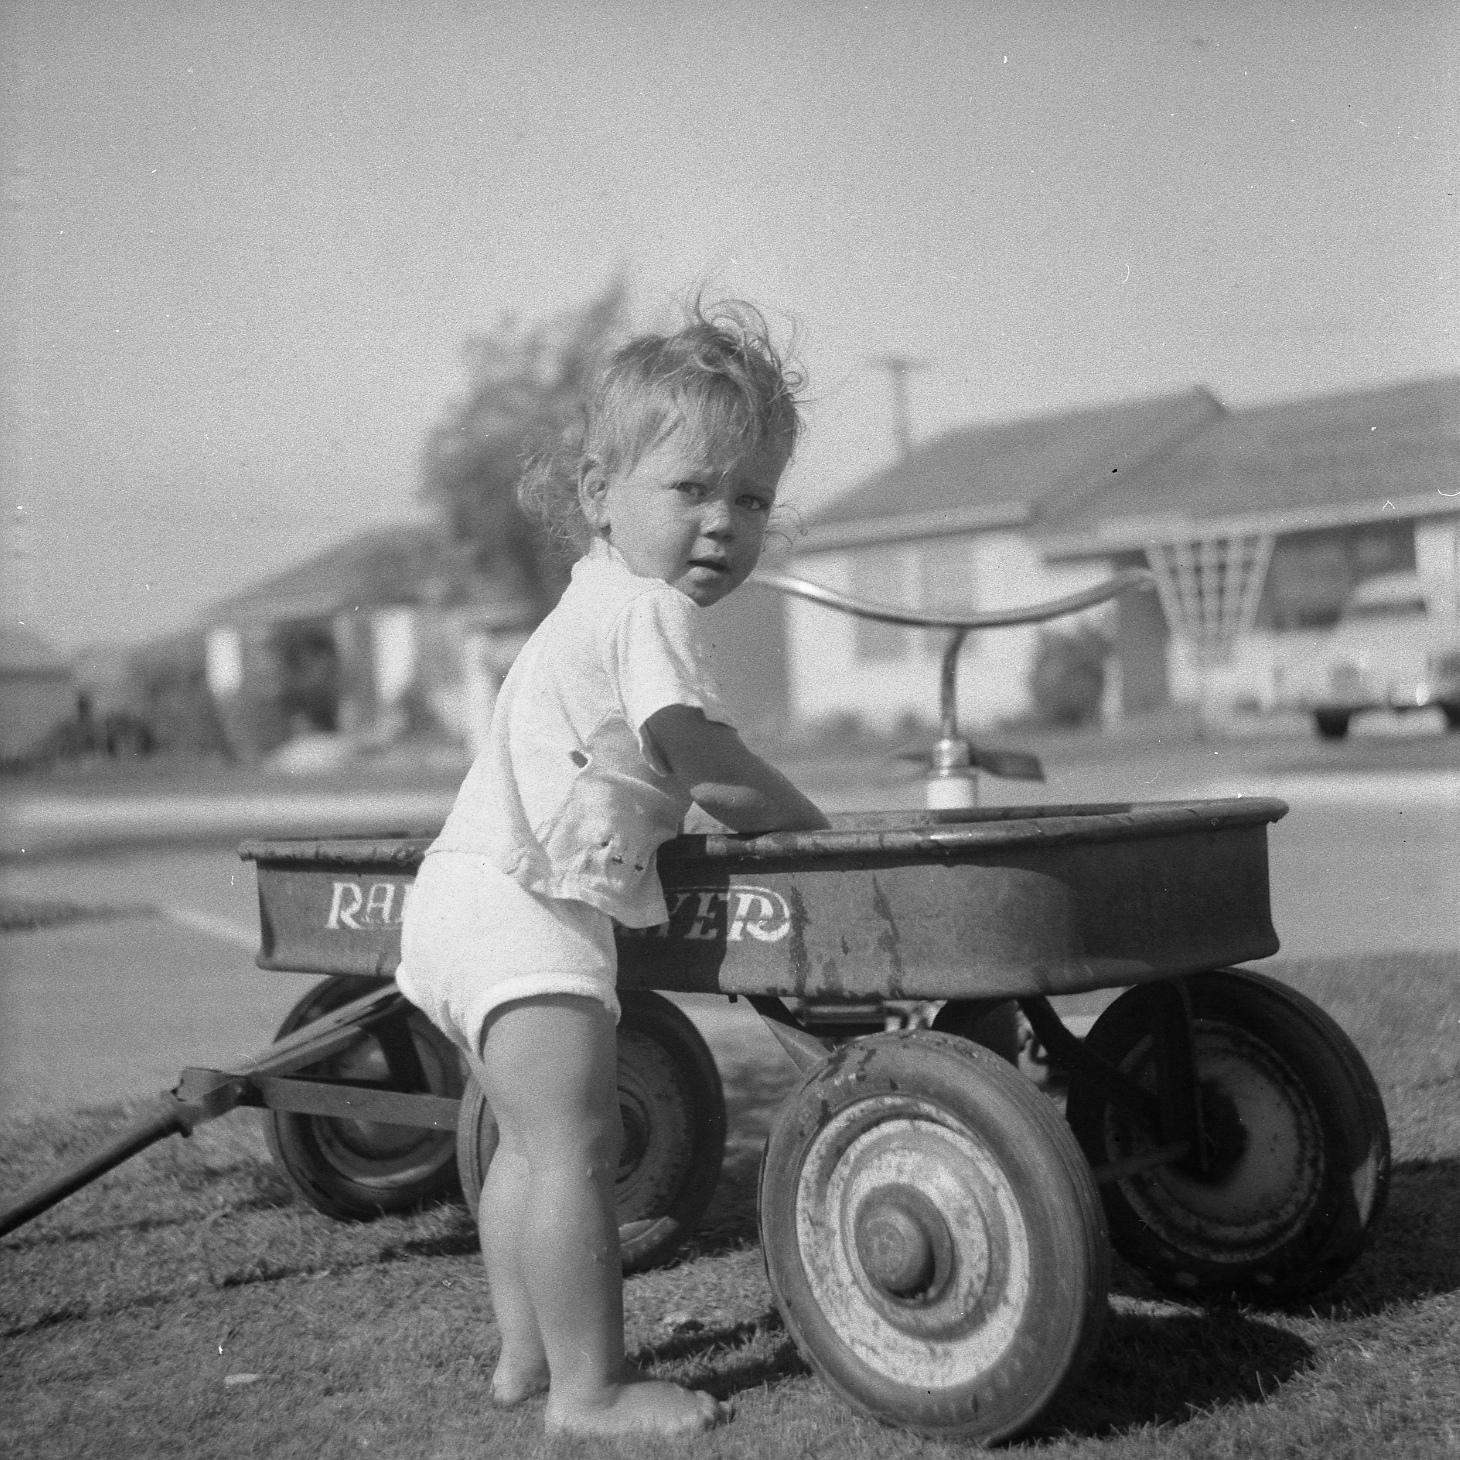 Young girl with Radio Flyer wagon circa 1955.